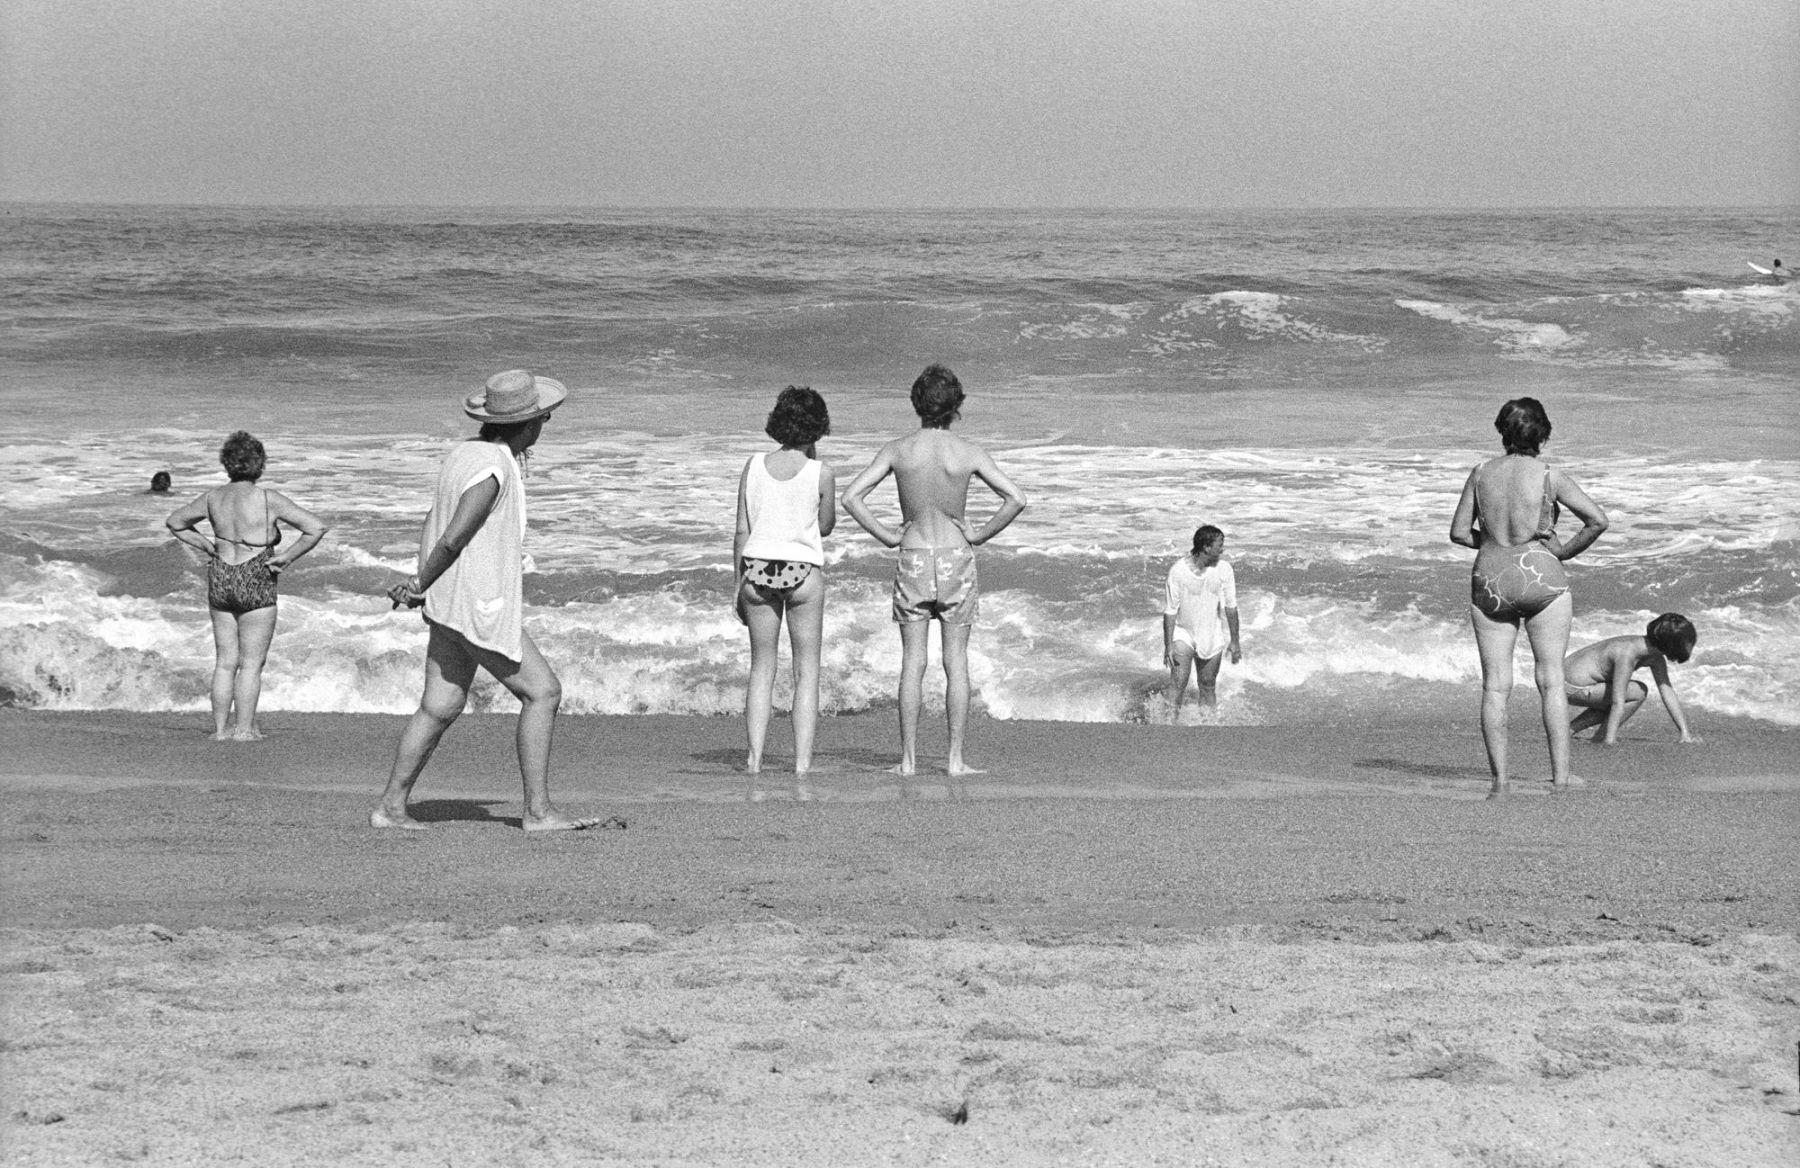 MichelAycaguer-Biarritz-GrandePlage-1988-PointFixe-Leica-2